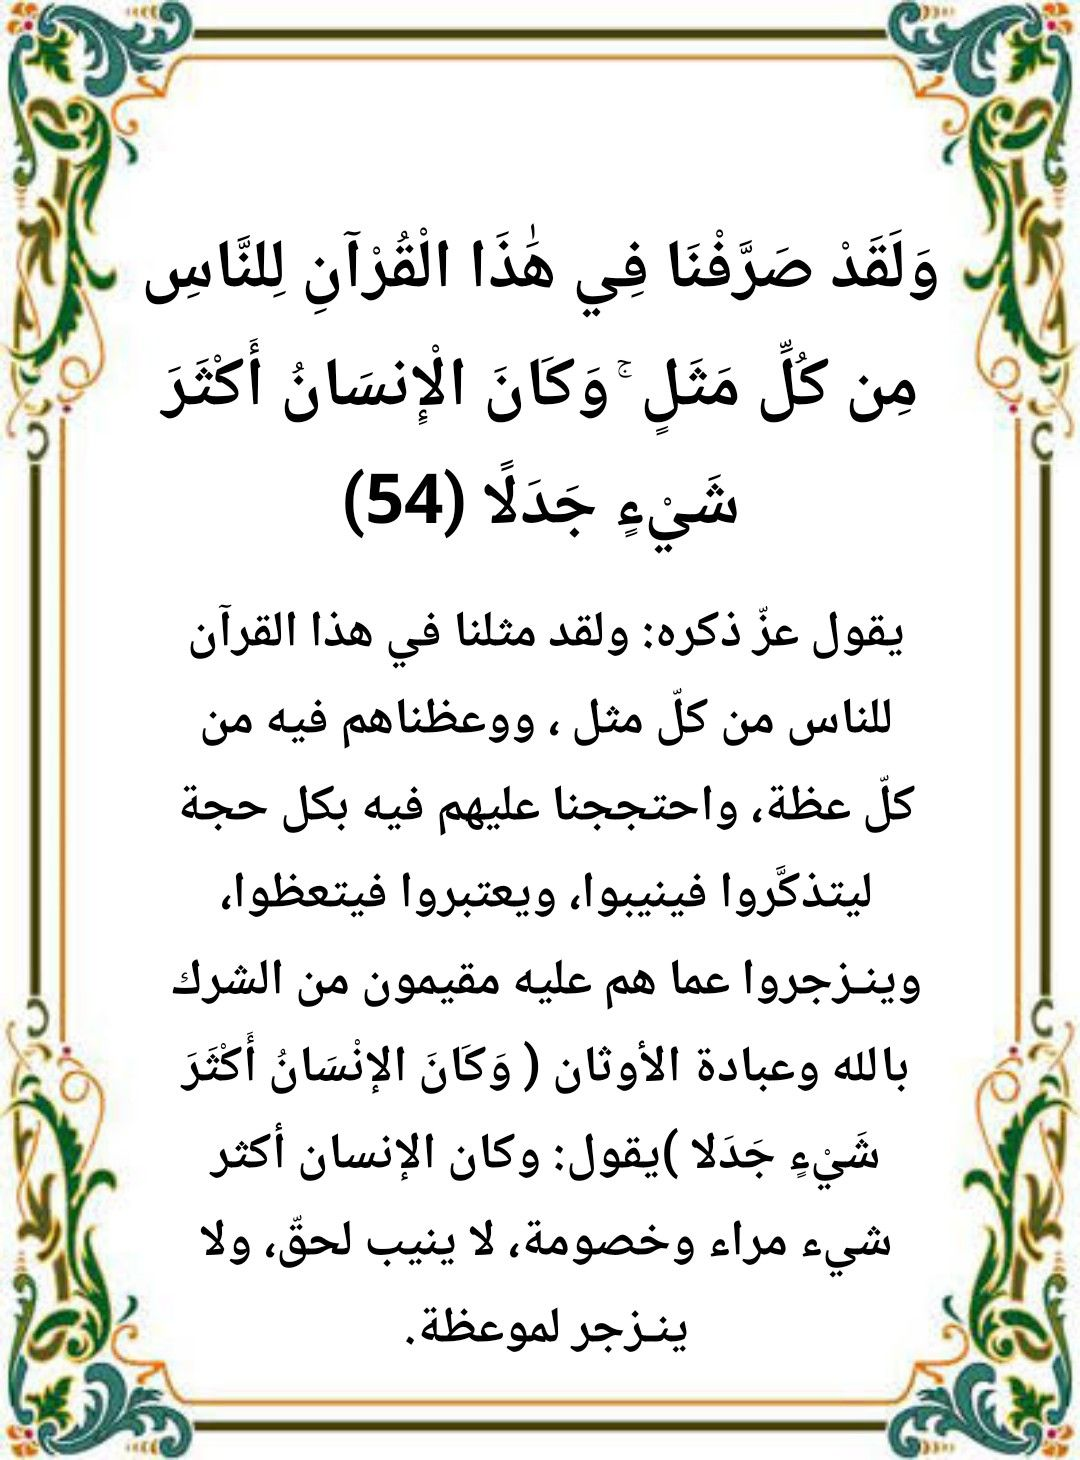 إنفوجرافيك كيفية الإحرام موقع قصة الإسلام إشراف د راغب السرجاني Islam Facts Islam Beliefs Islam